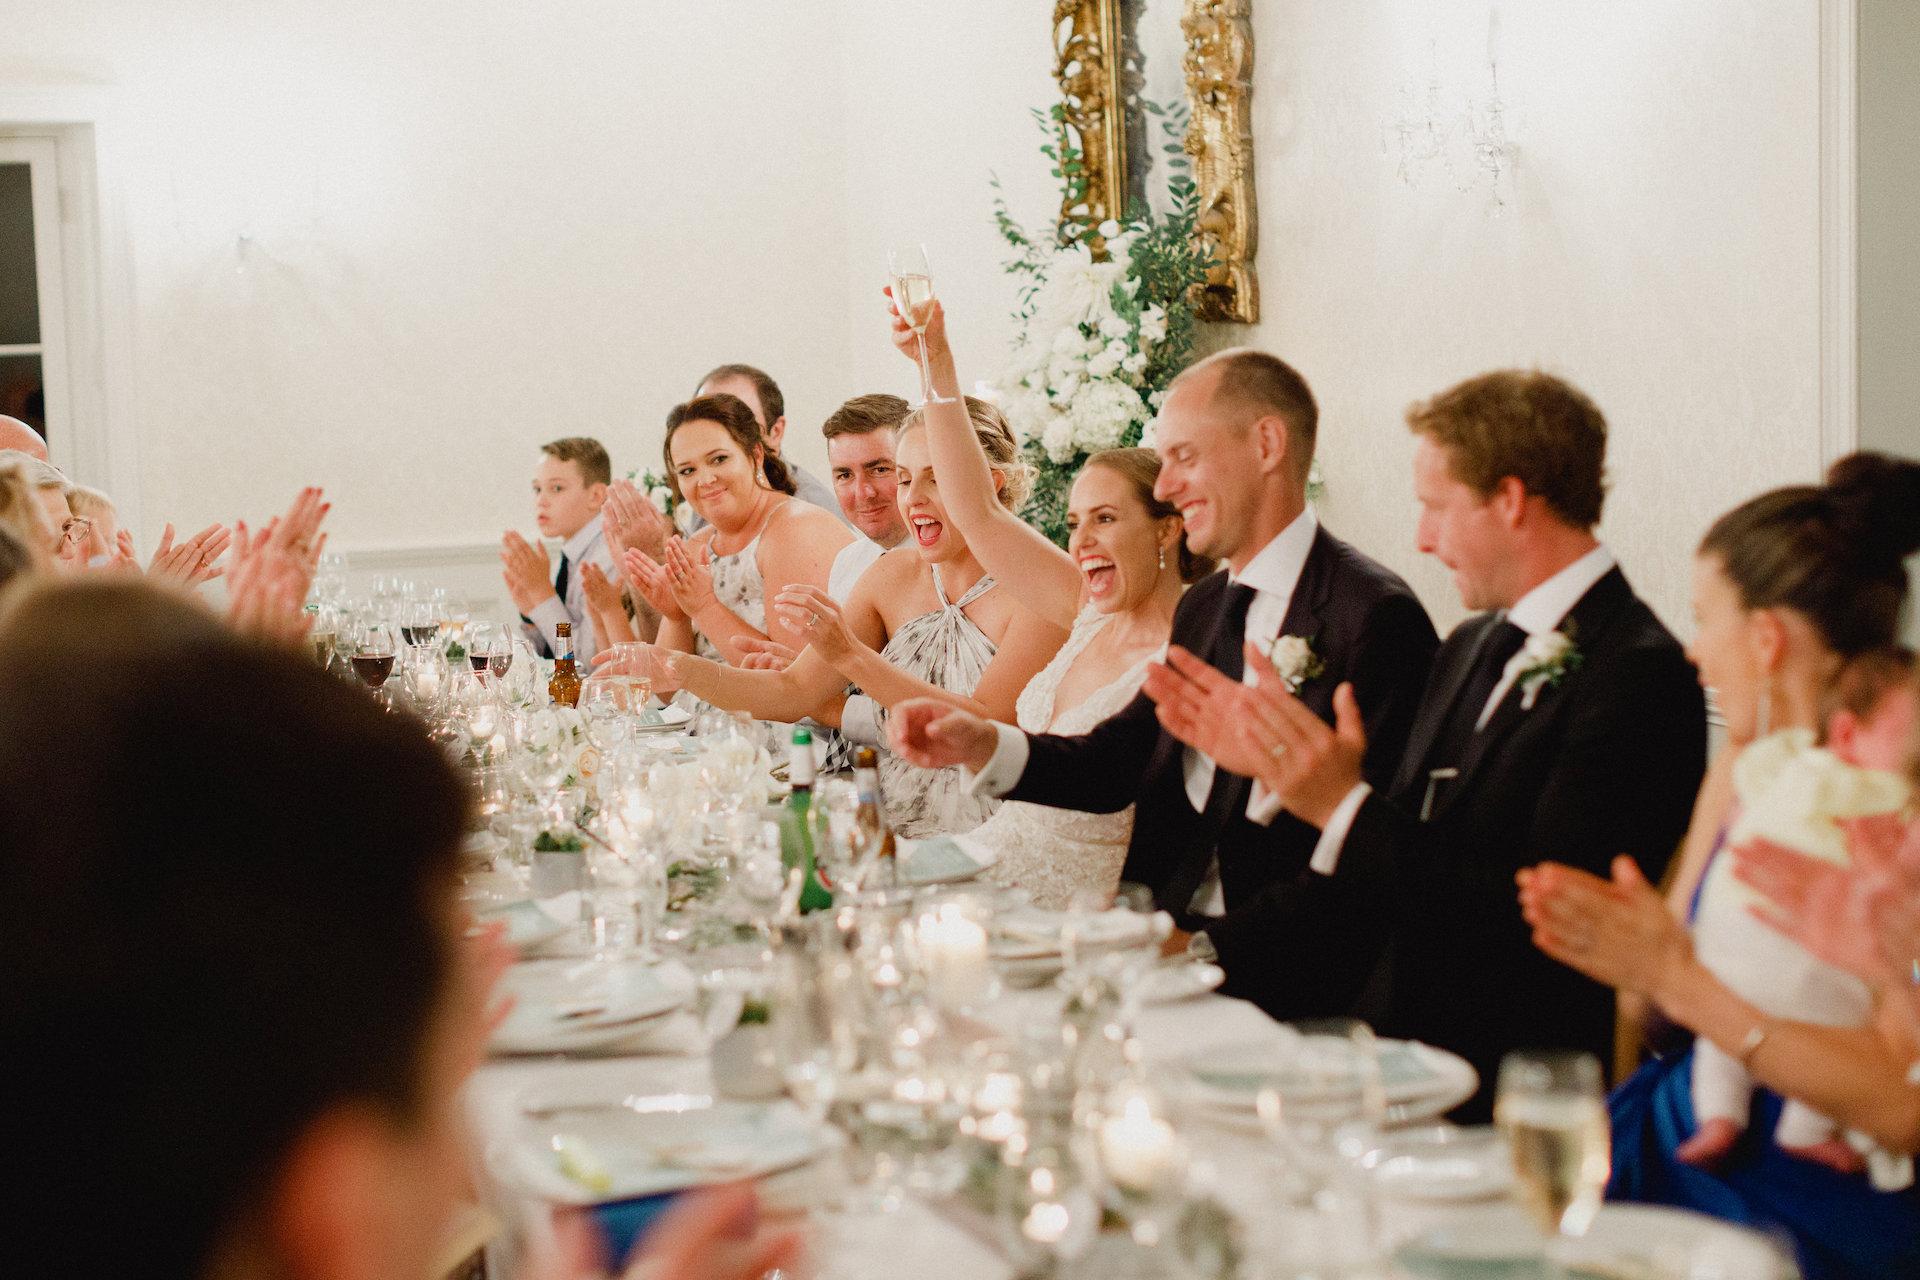 Dunbar-House-Wedding-Girl-in-White-Dress8.jpg